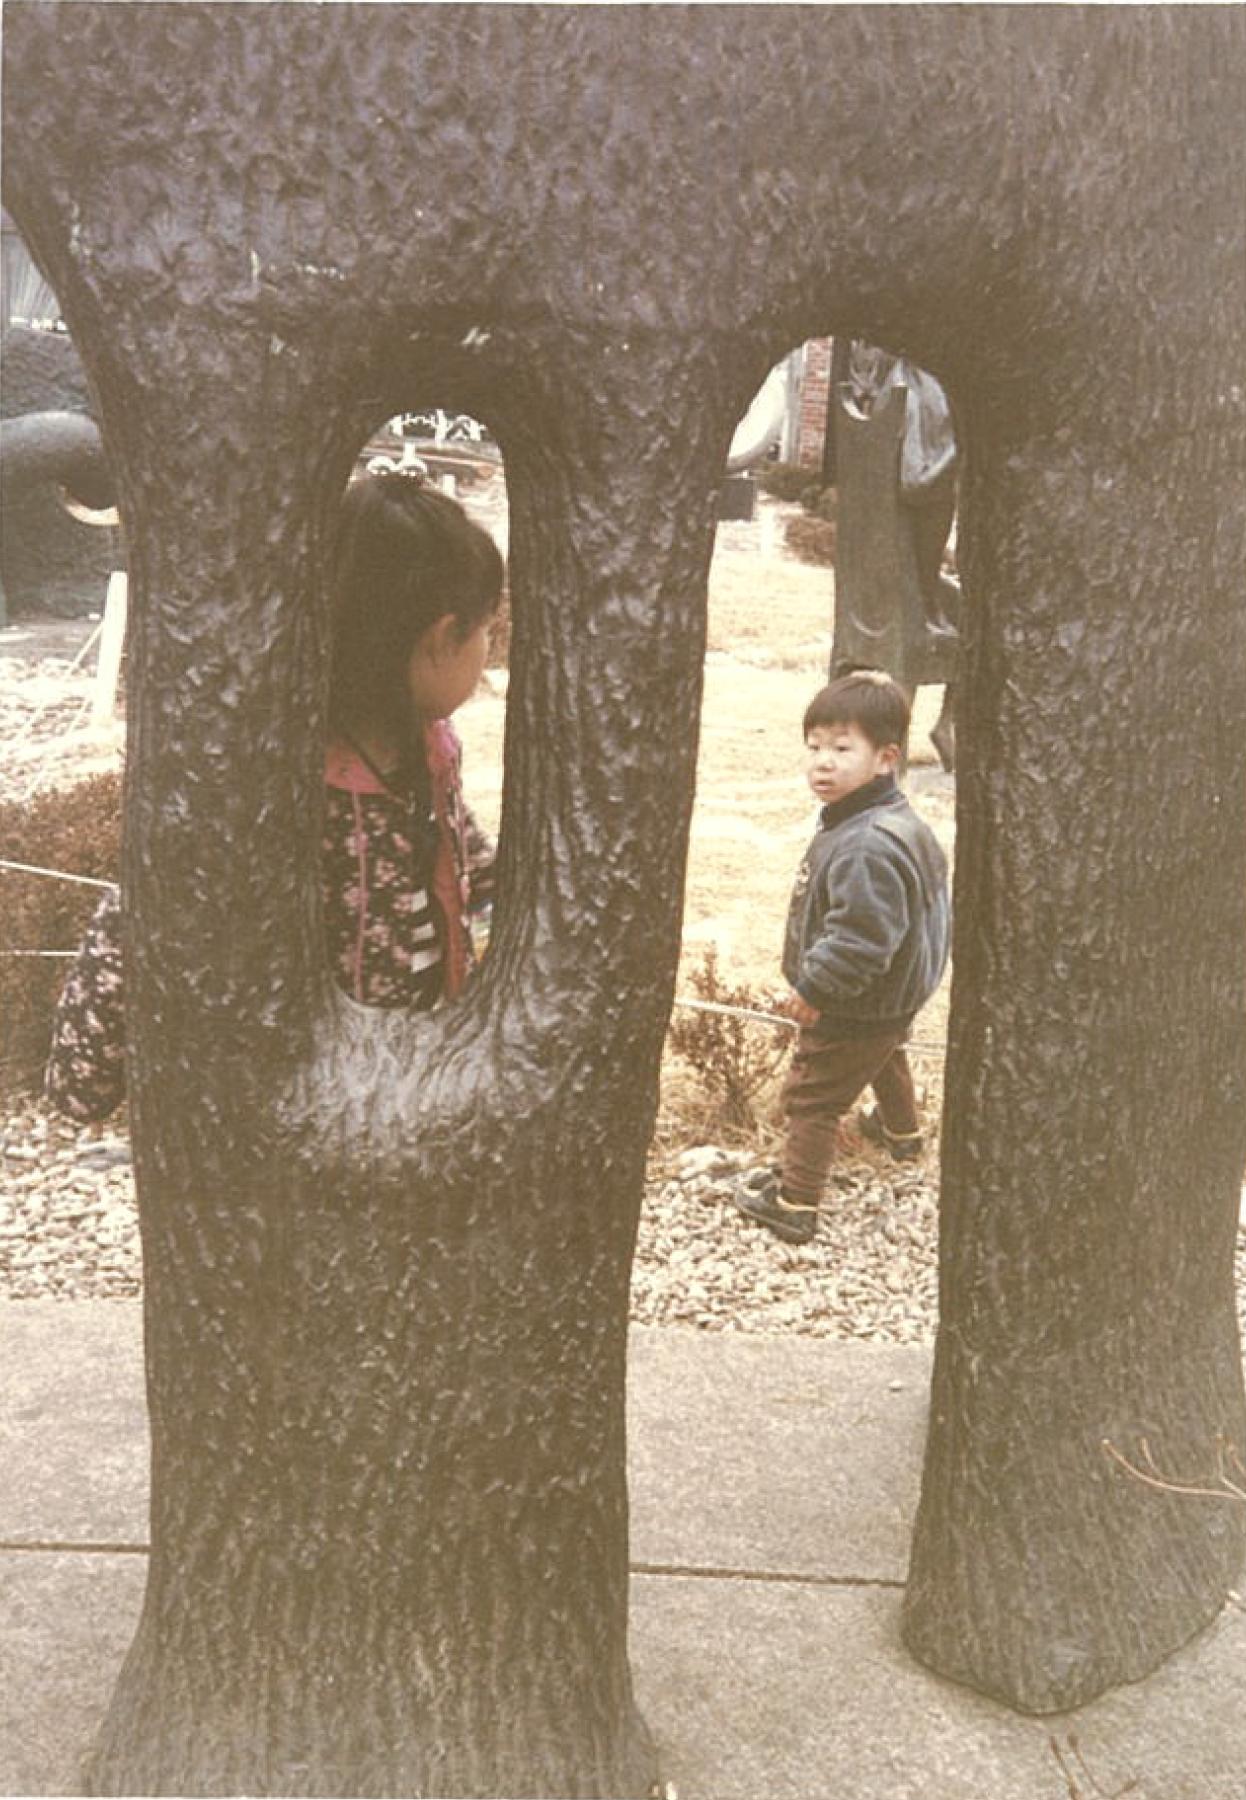 91년 조각공원에서 누나랑